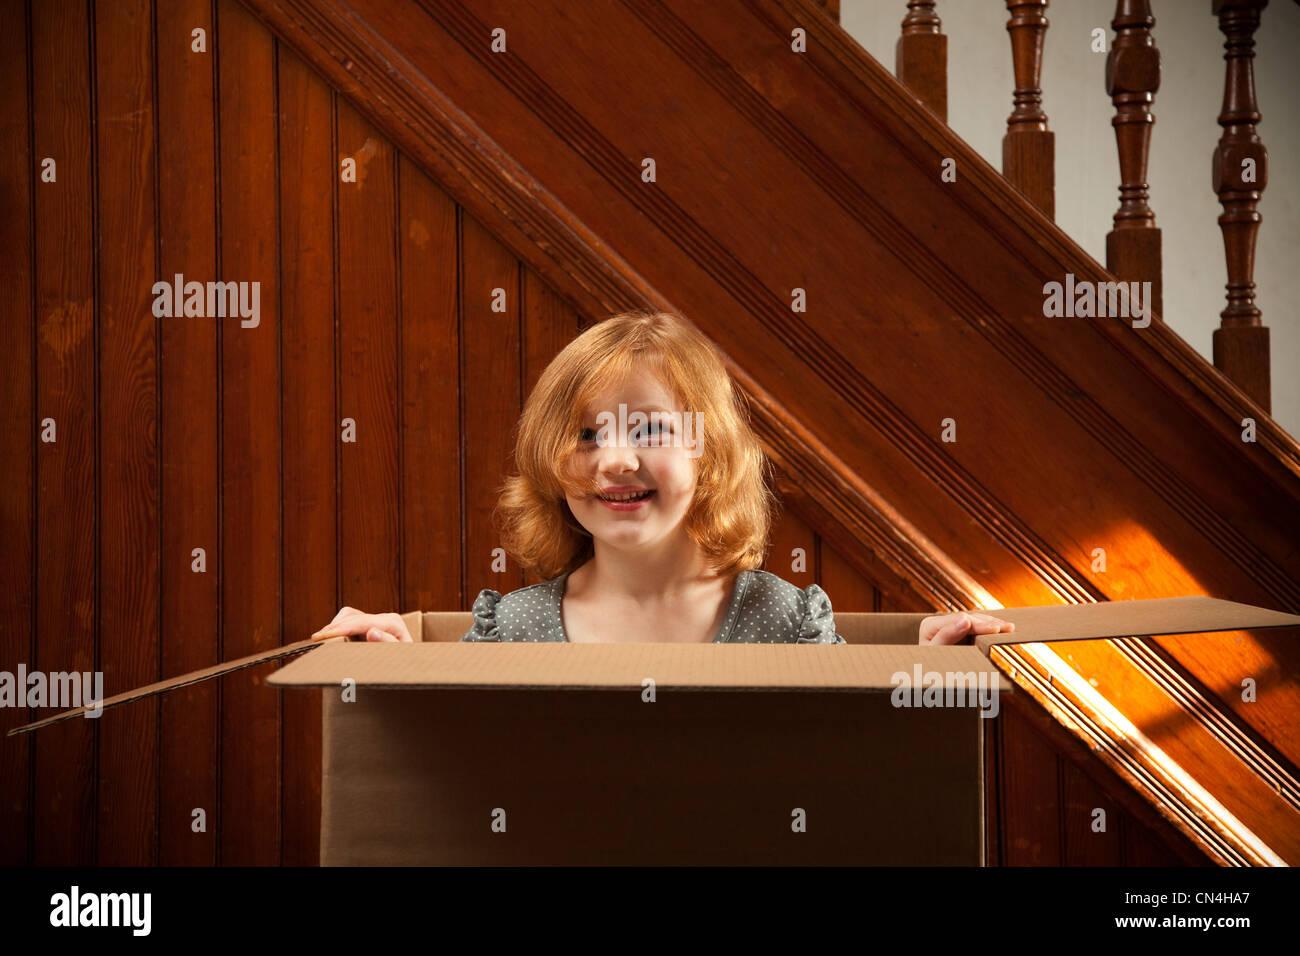 Portrait of girl hiding in cardboard box - Stock Image